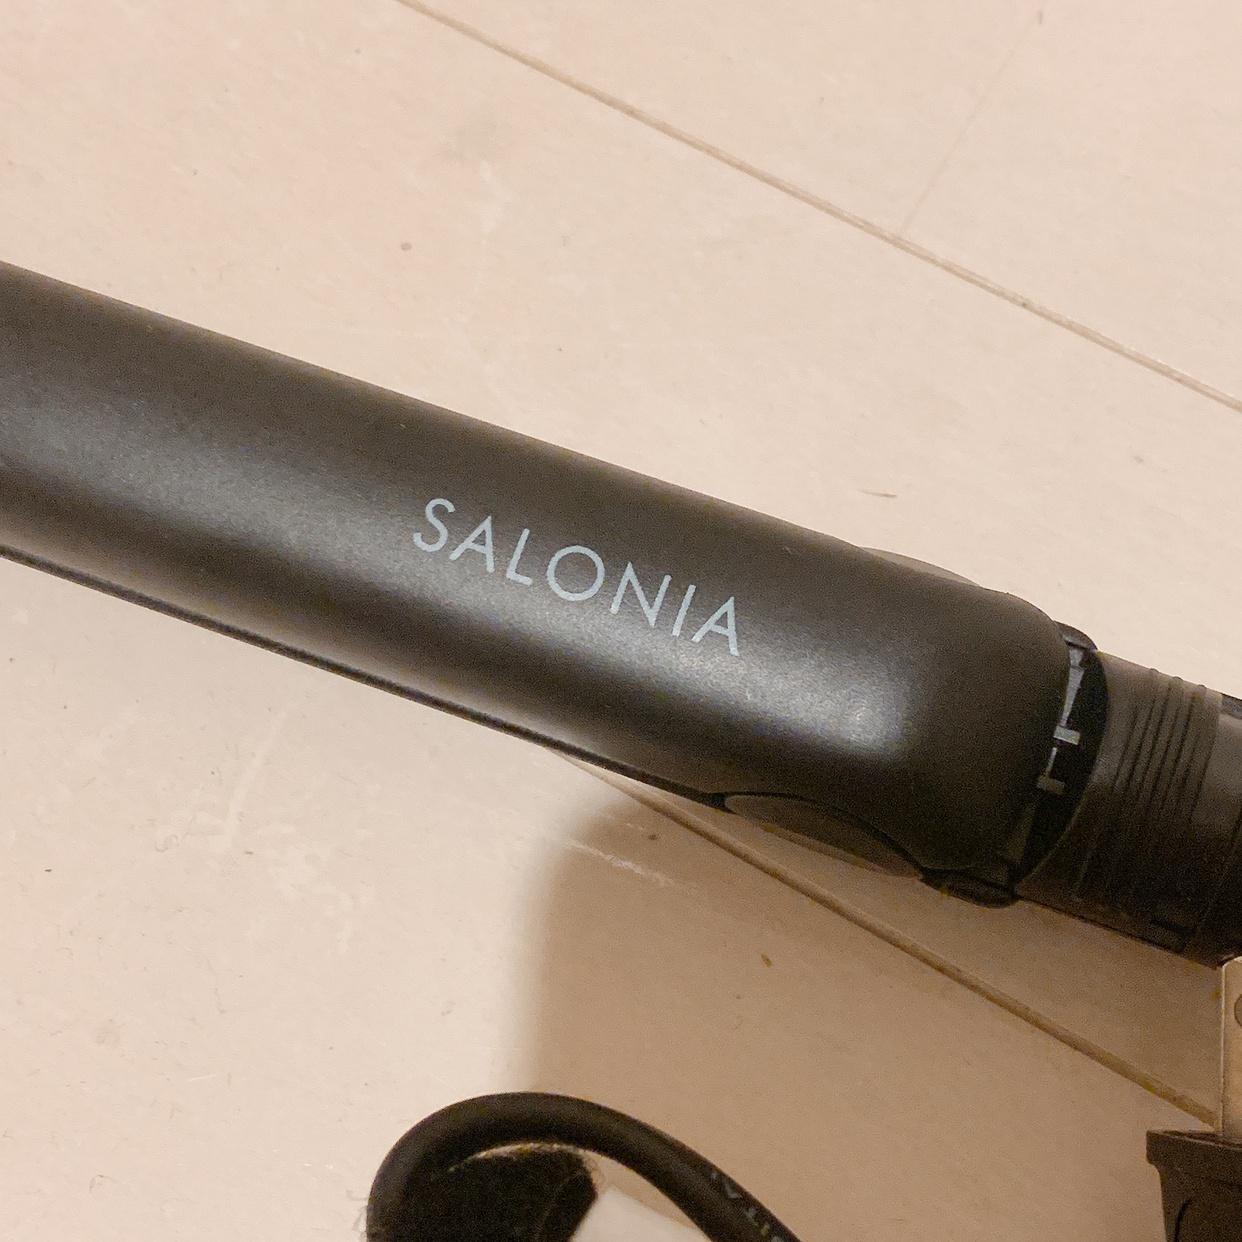 SALONIA(サロニア)ストレートヘアアイロン SL-004Sを使ったひかりさんのクチコミ画像1